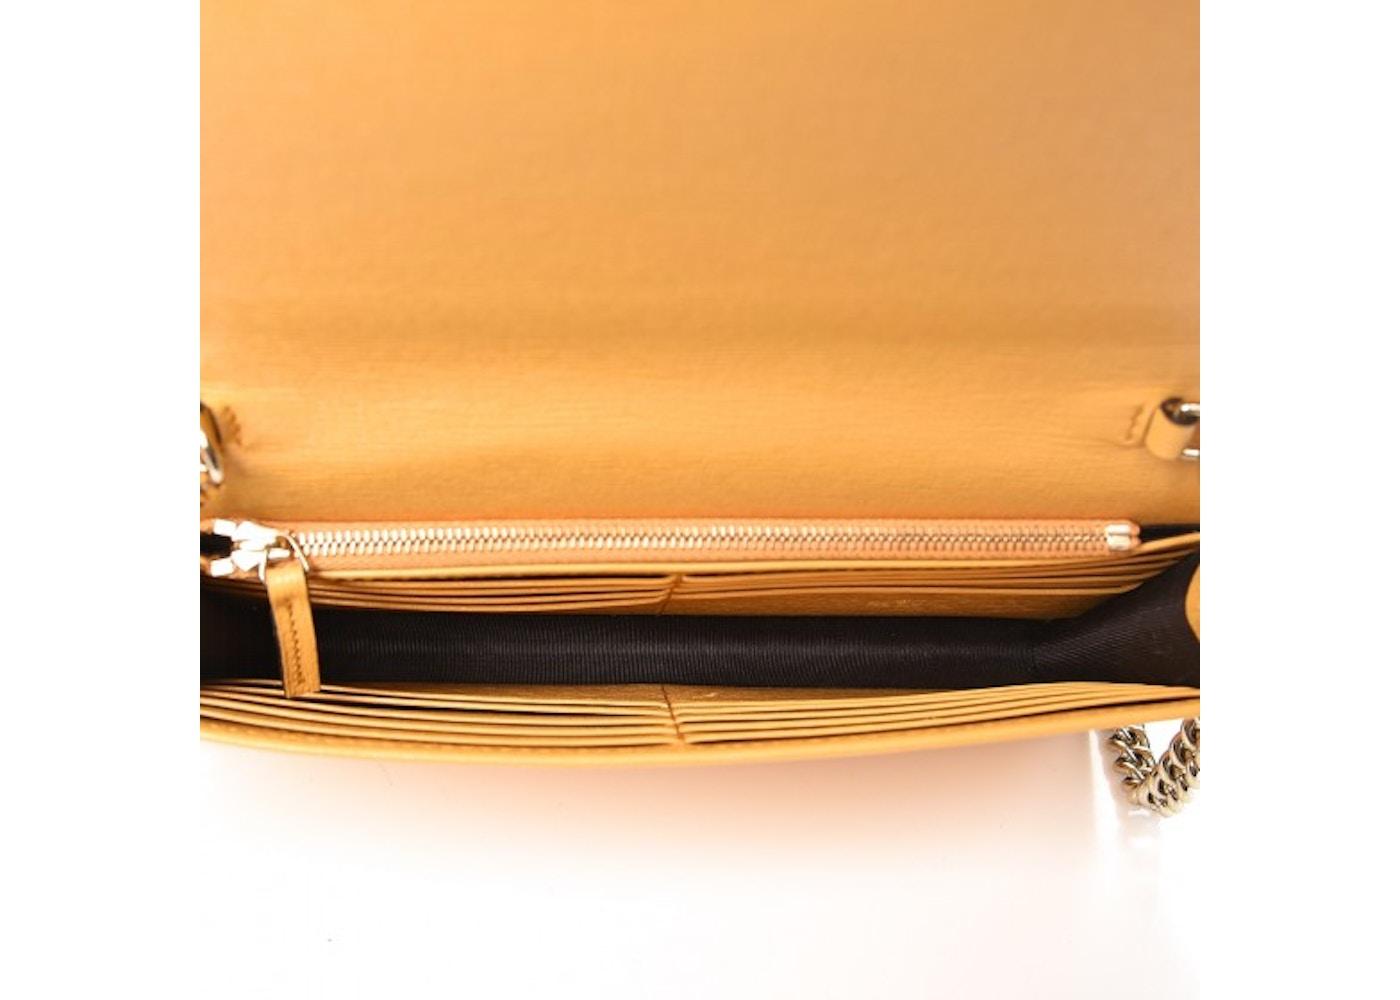 ae5f137d5af4 Gucci Betty Chain Wallet Interlocking GG Medium Yellow